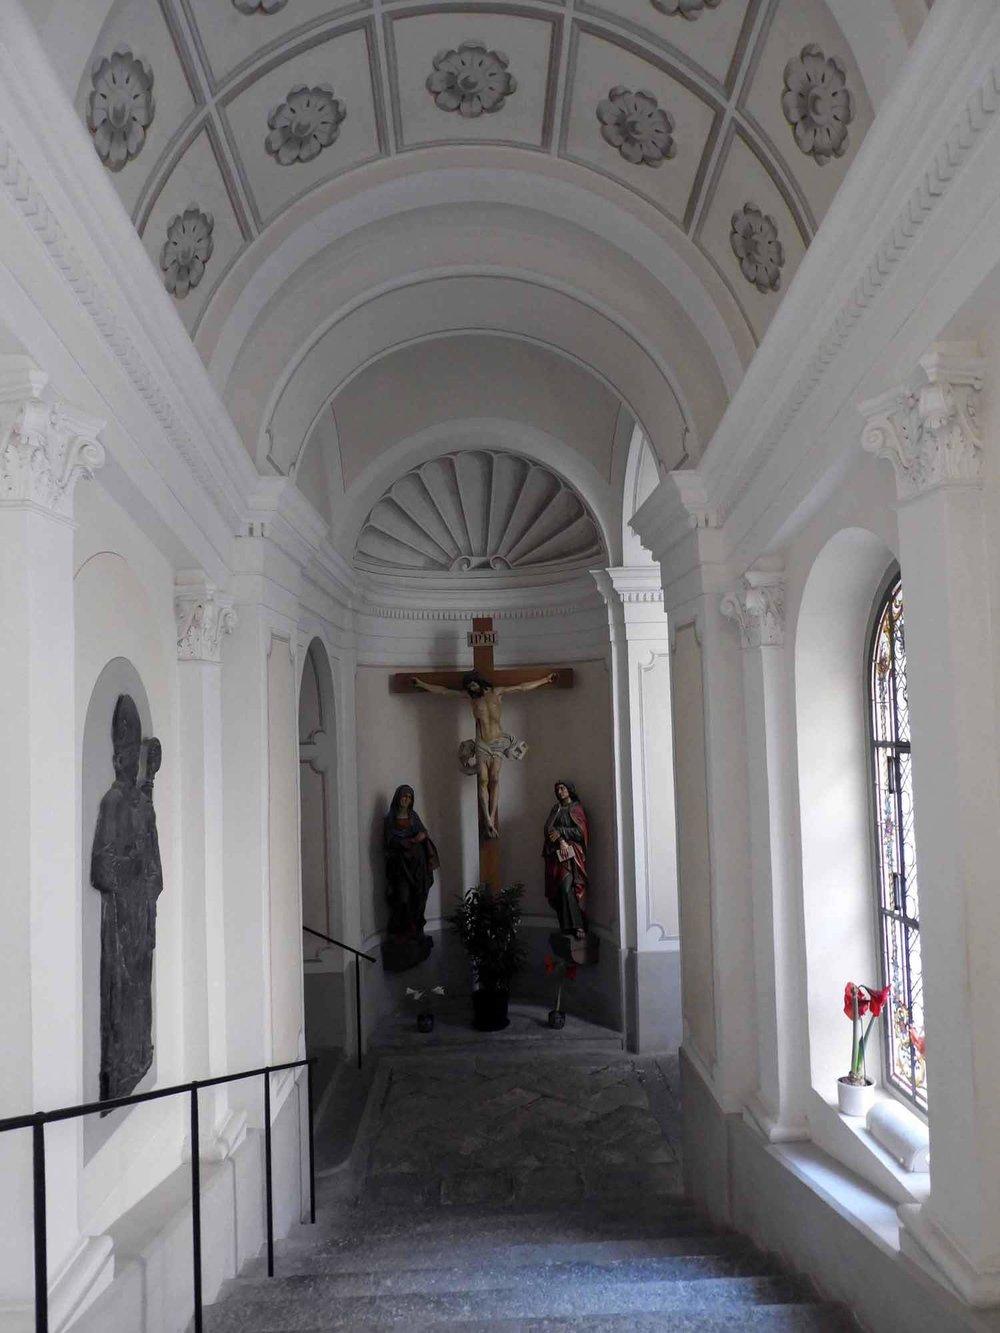 switzerland-oberalppass-vorderrhein-river-valley-monestary-kloster-disentis-hallway-stairs.JPG